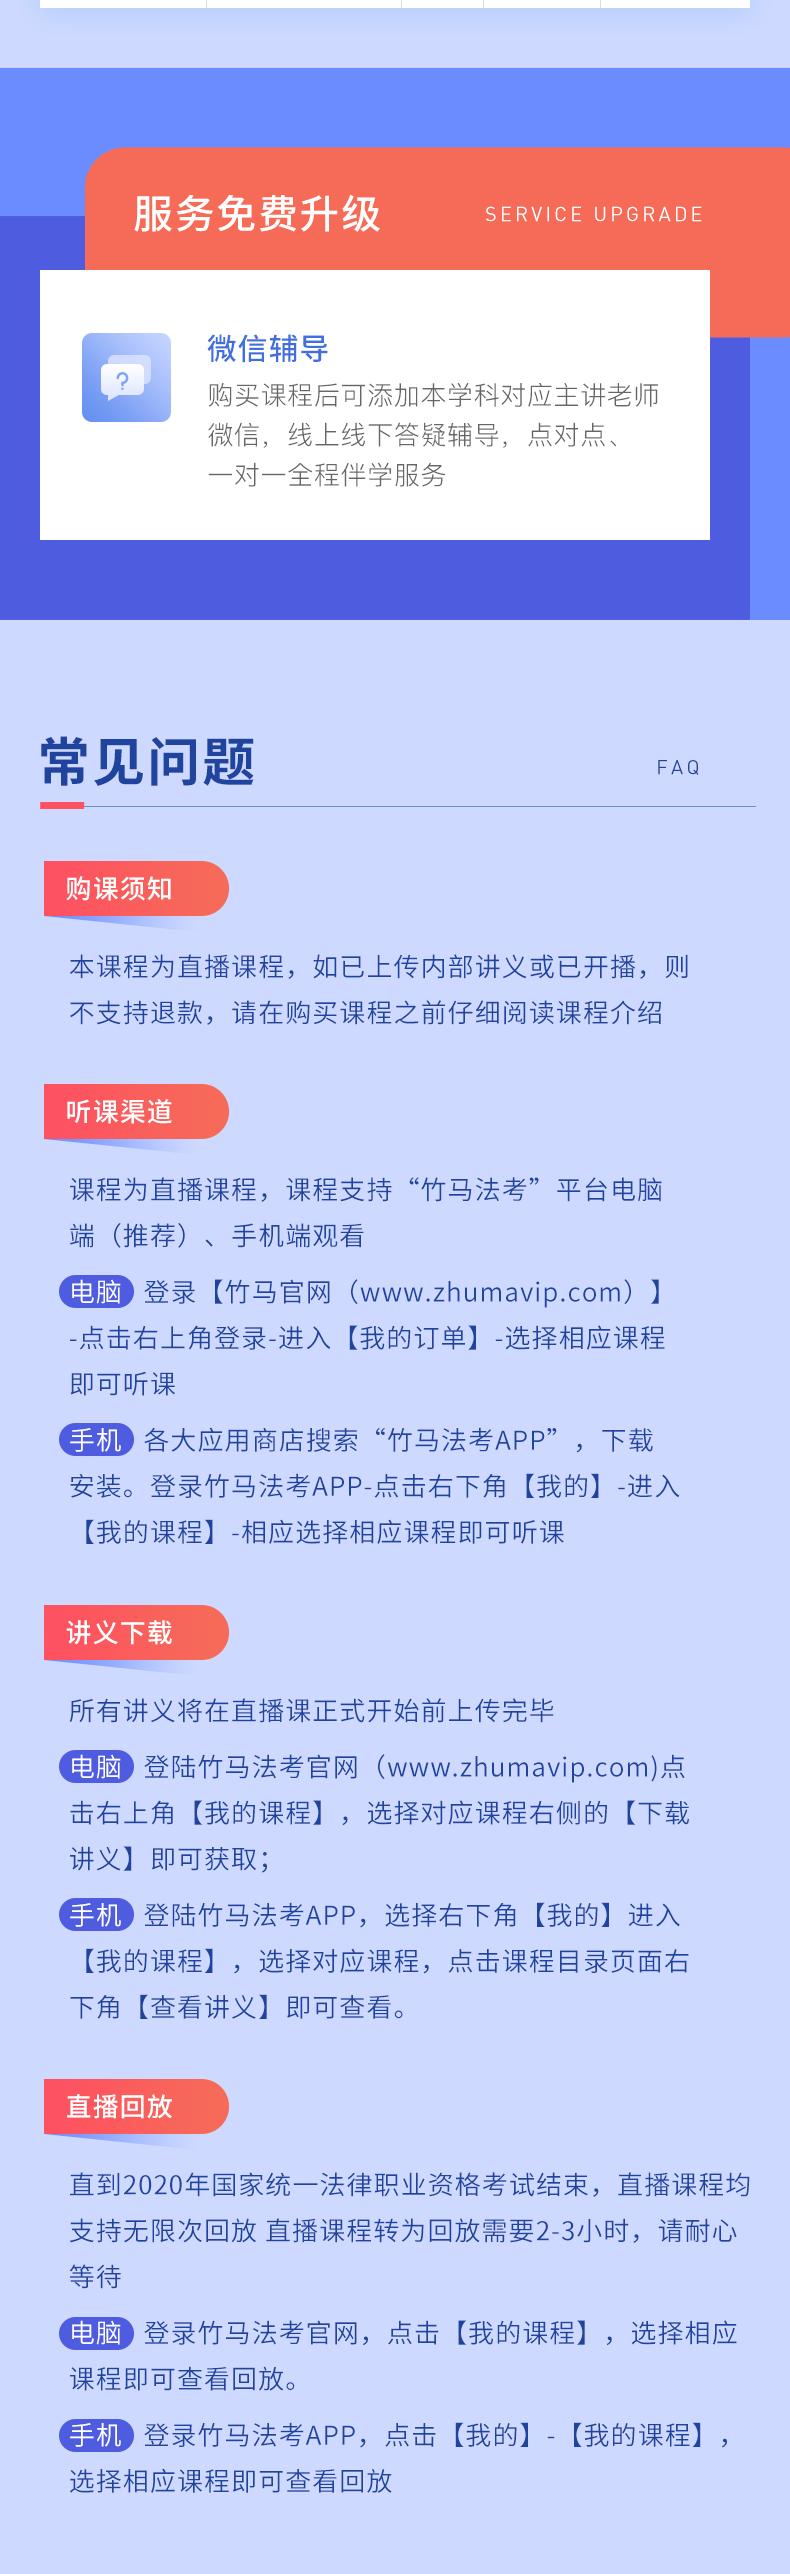 实体法直播课-详情页_09.jpg